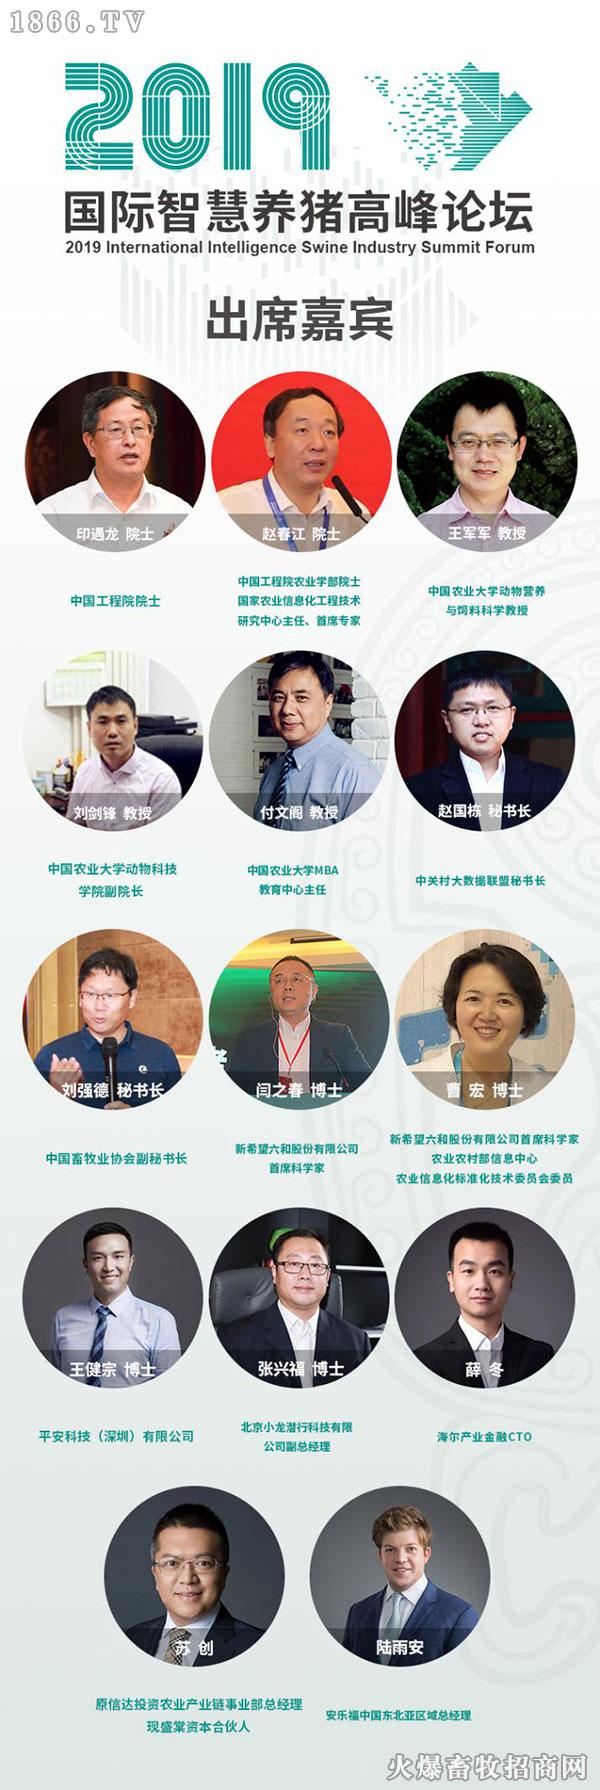 养猪巨头如何布局智慧养猪?国际智慧养猪高峰论坛10月18日郑州首度公开展示